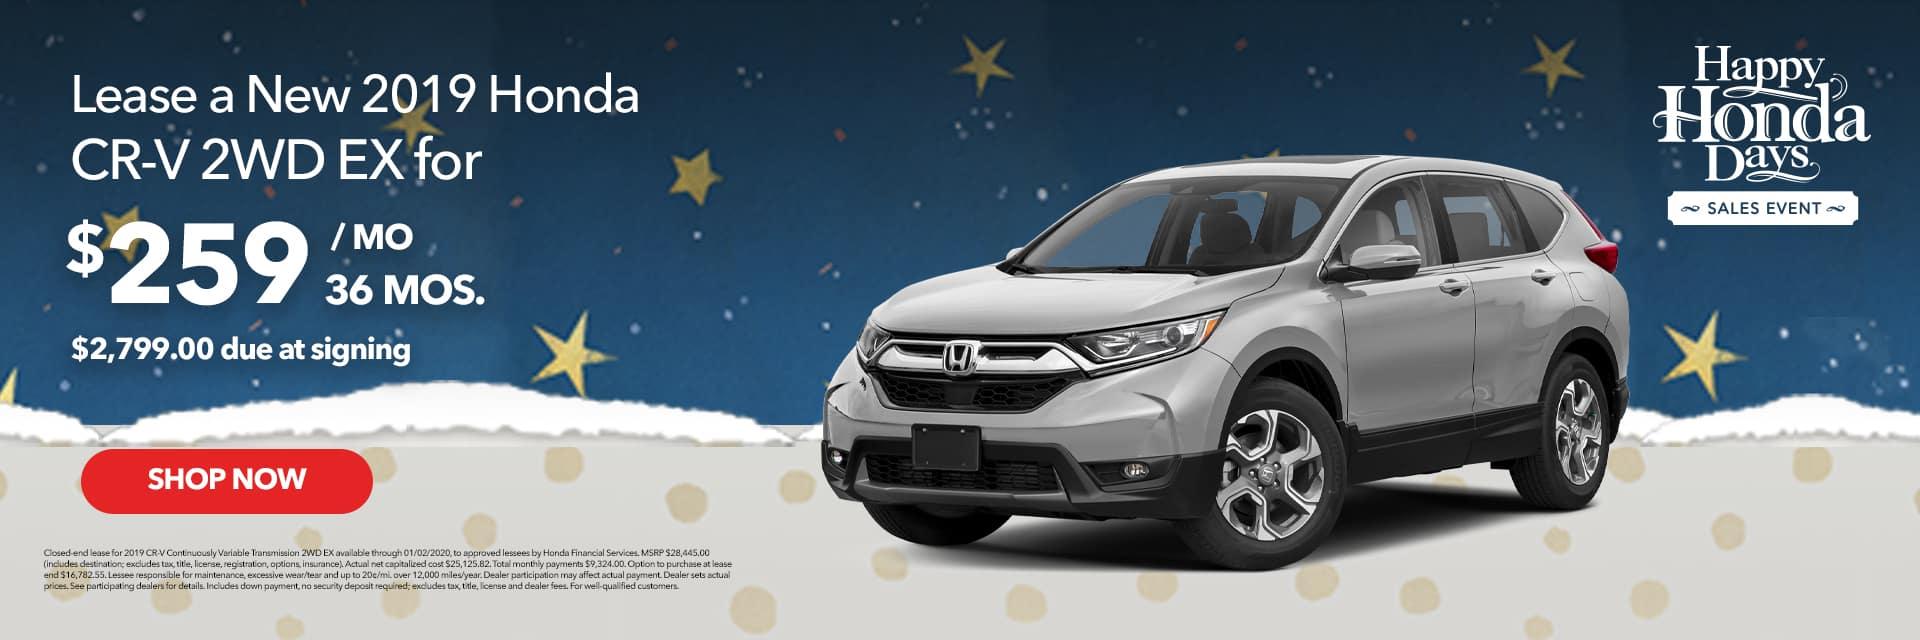 Happy Honda Days CR-V Lease Offer